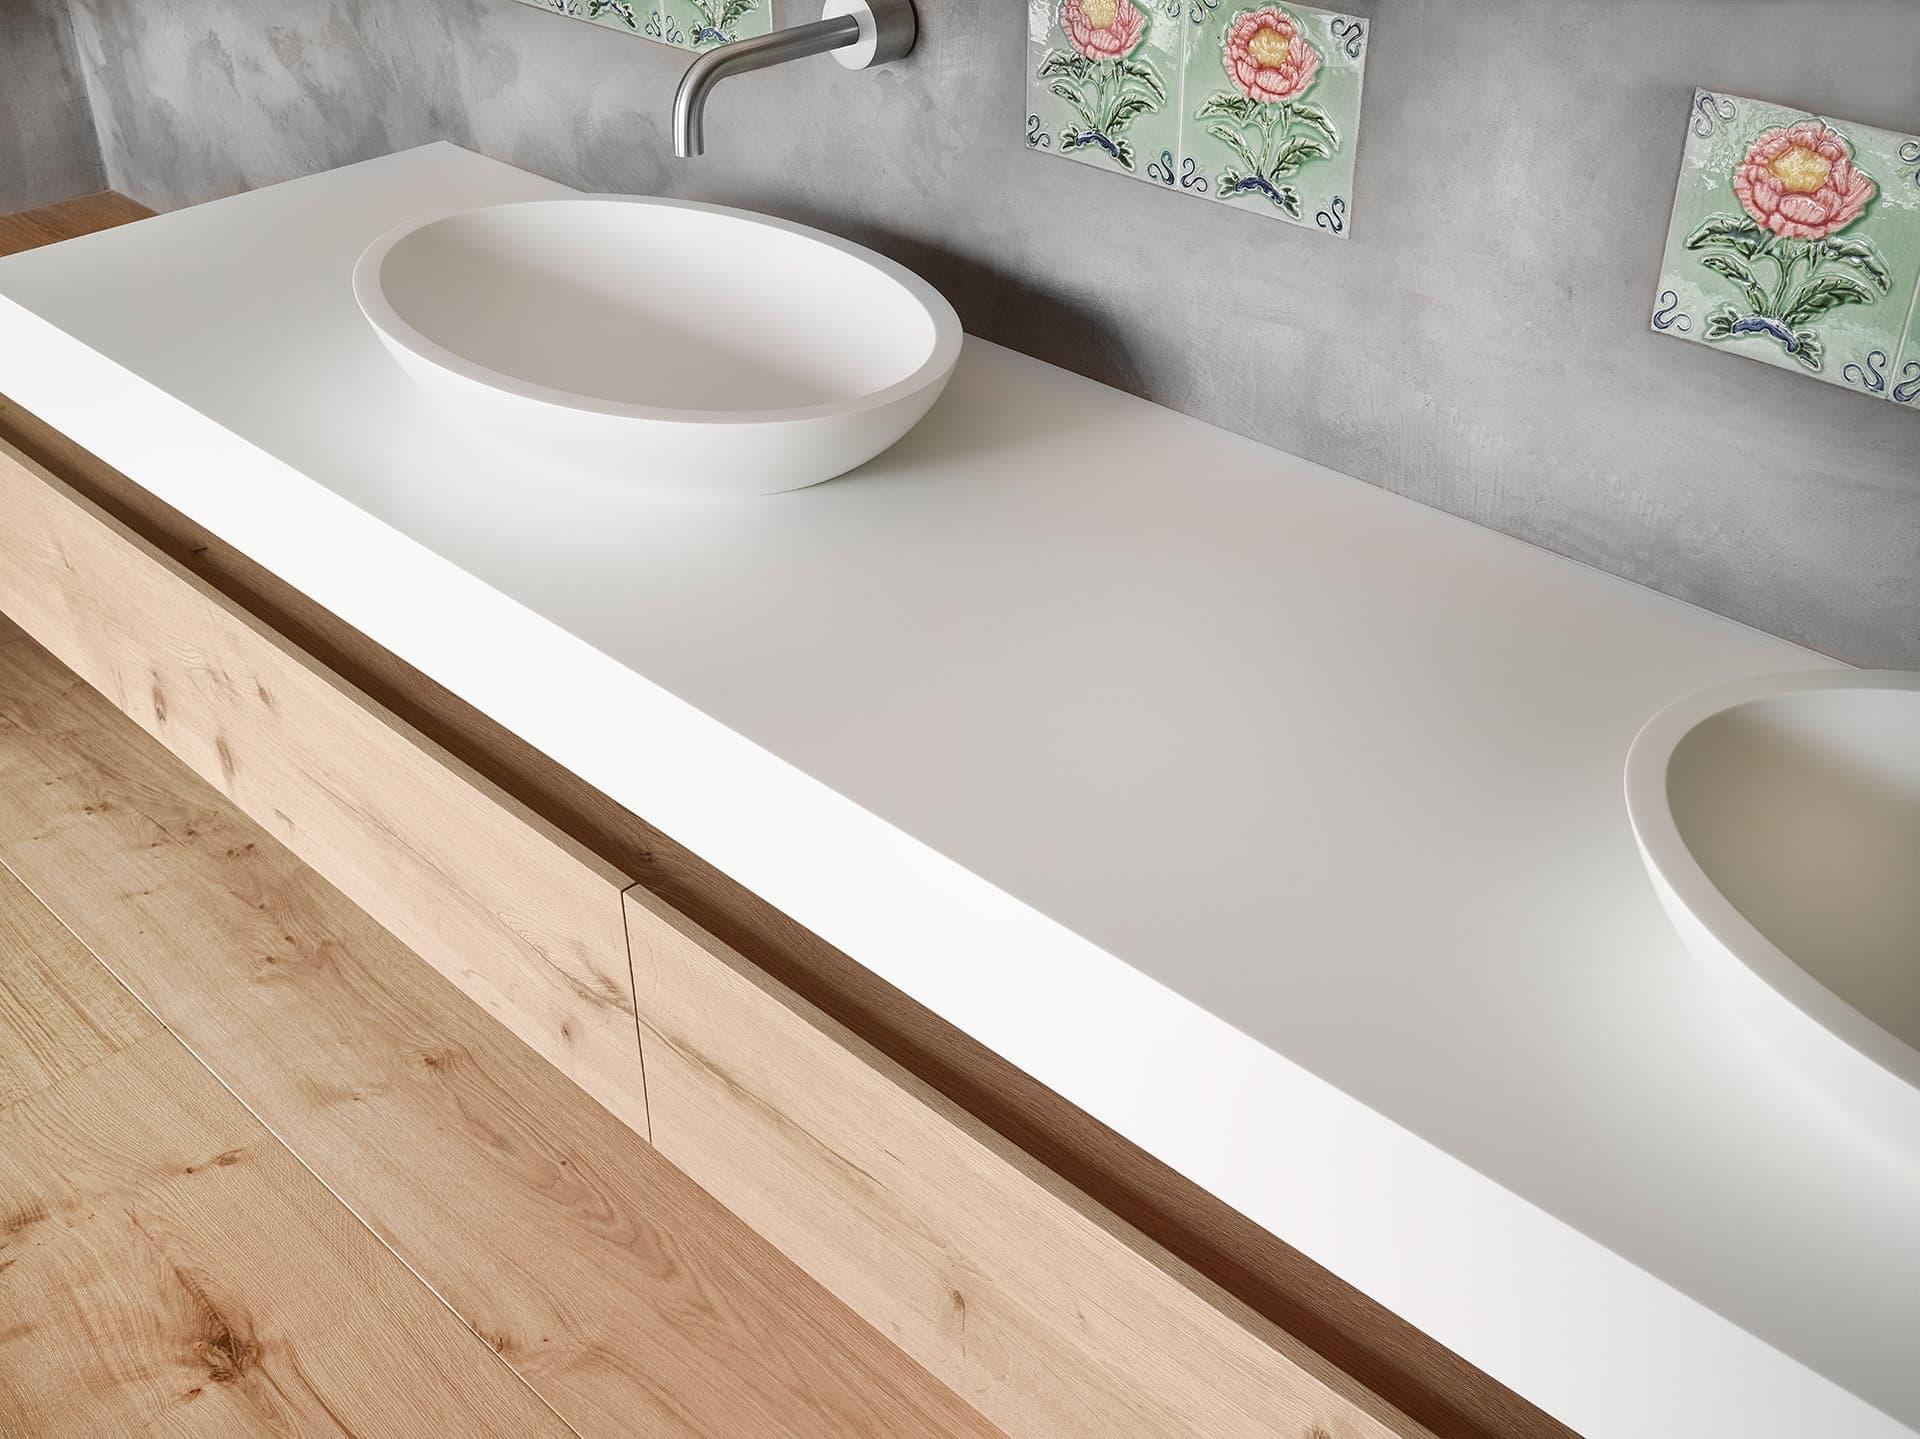 venuti-architects_CF003499-1